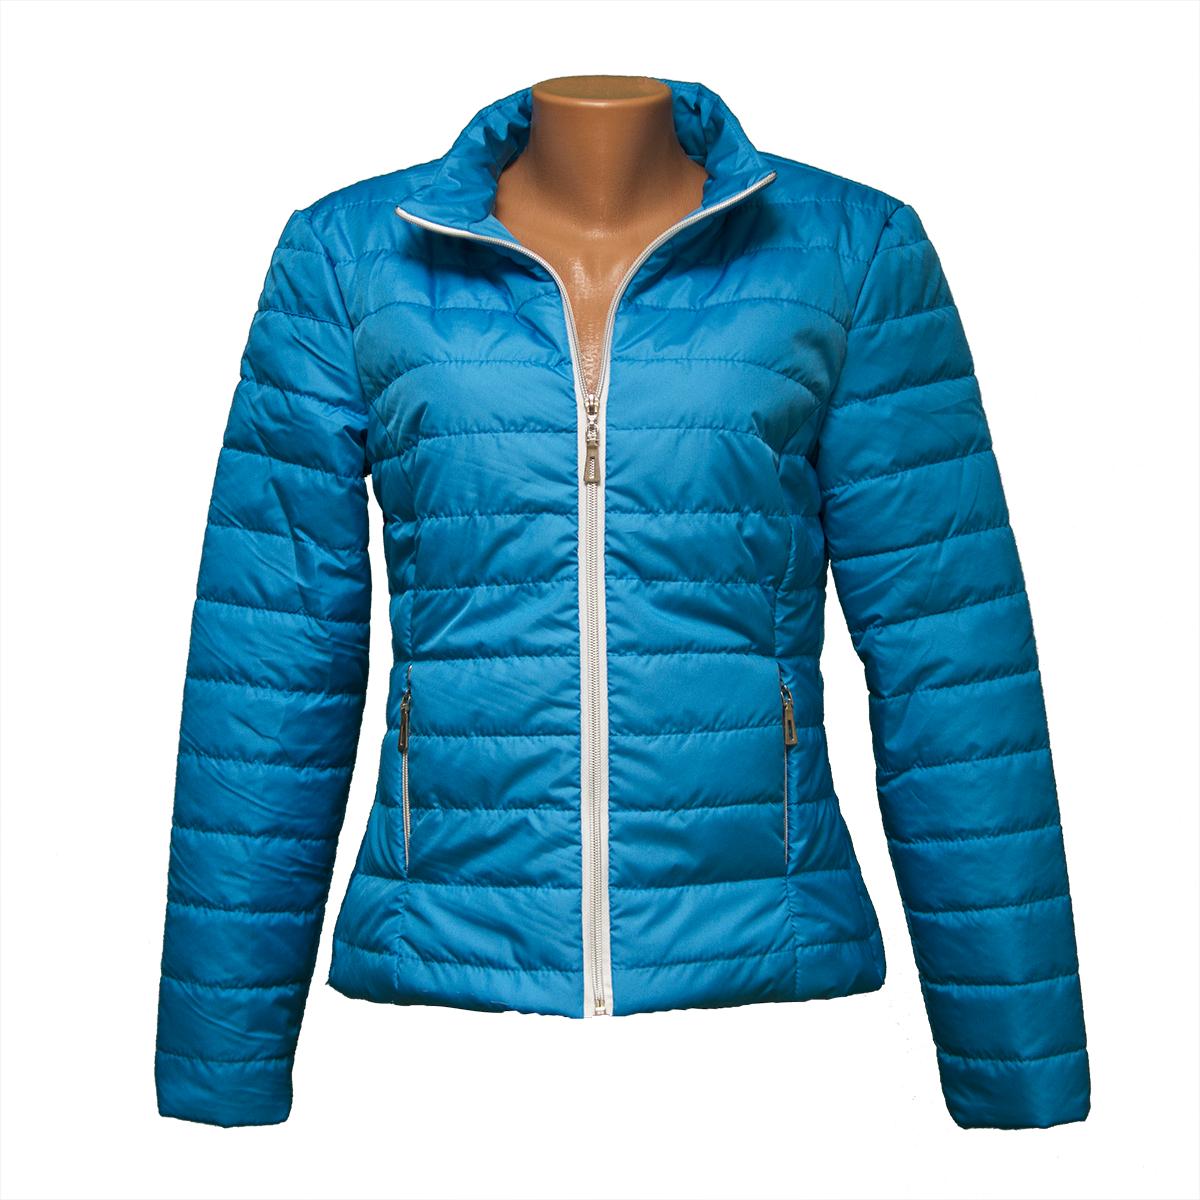 753f1e8f3a6 Женская демисезонная куртка фабричный пошив KD1377-9 - Оптово-розничный  интернет-магазин спортивной